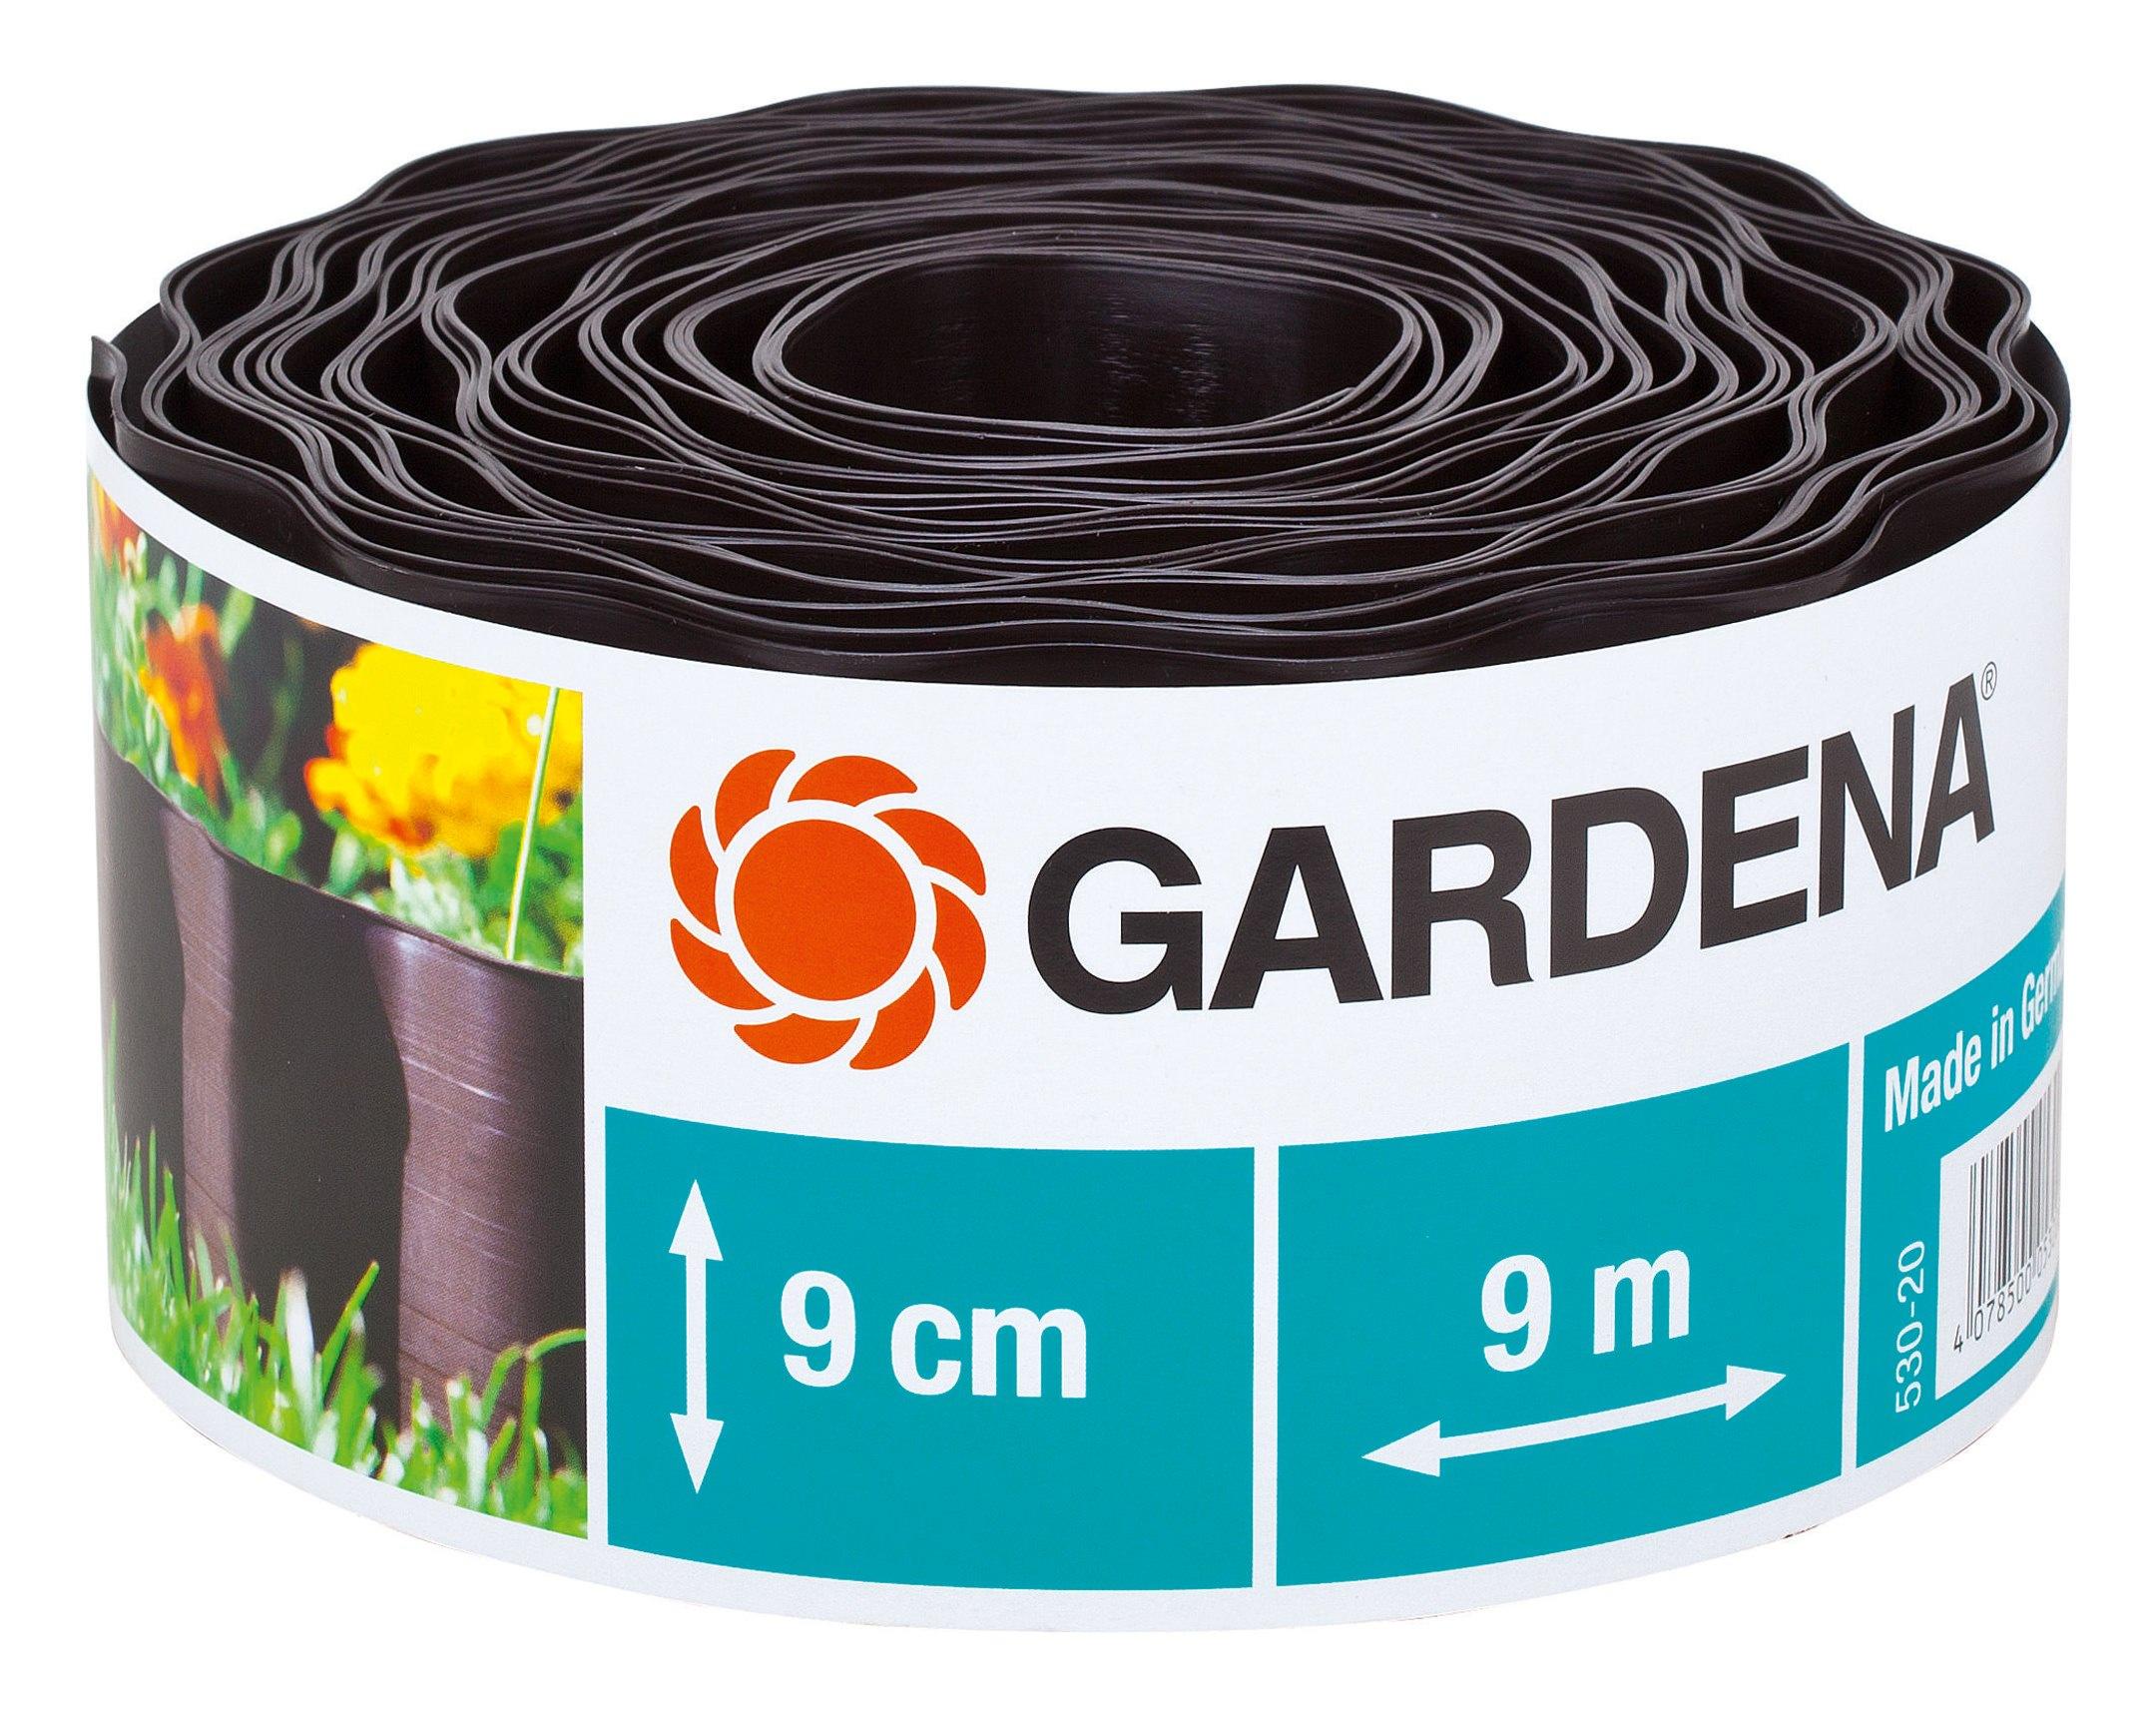 Gardena Beeteinfassung braun 9 cm hoch x 9 m lang - 00530-20